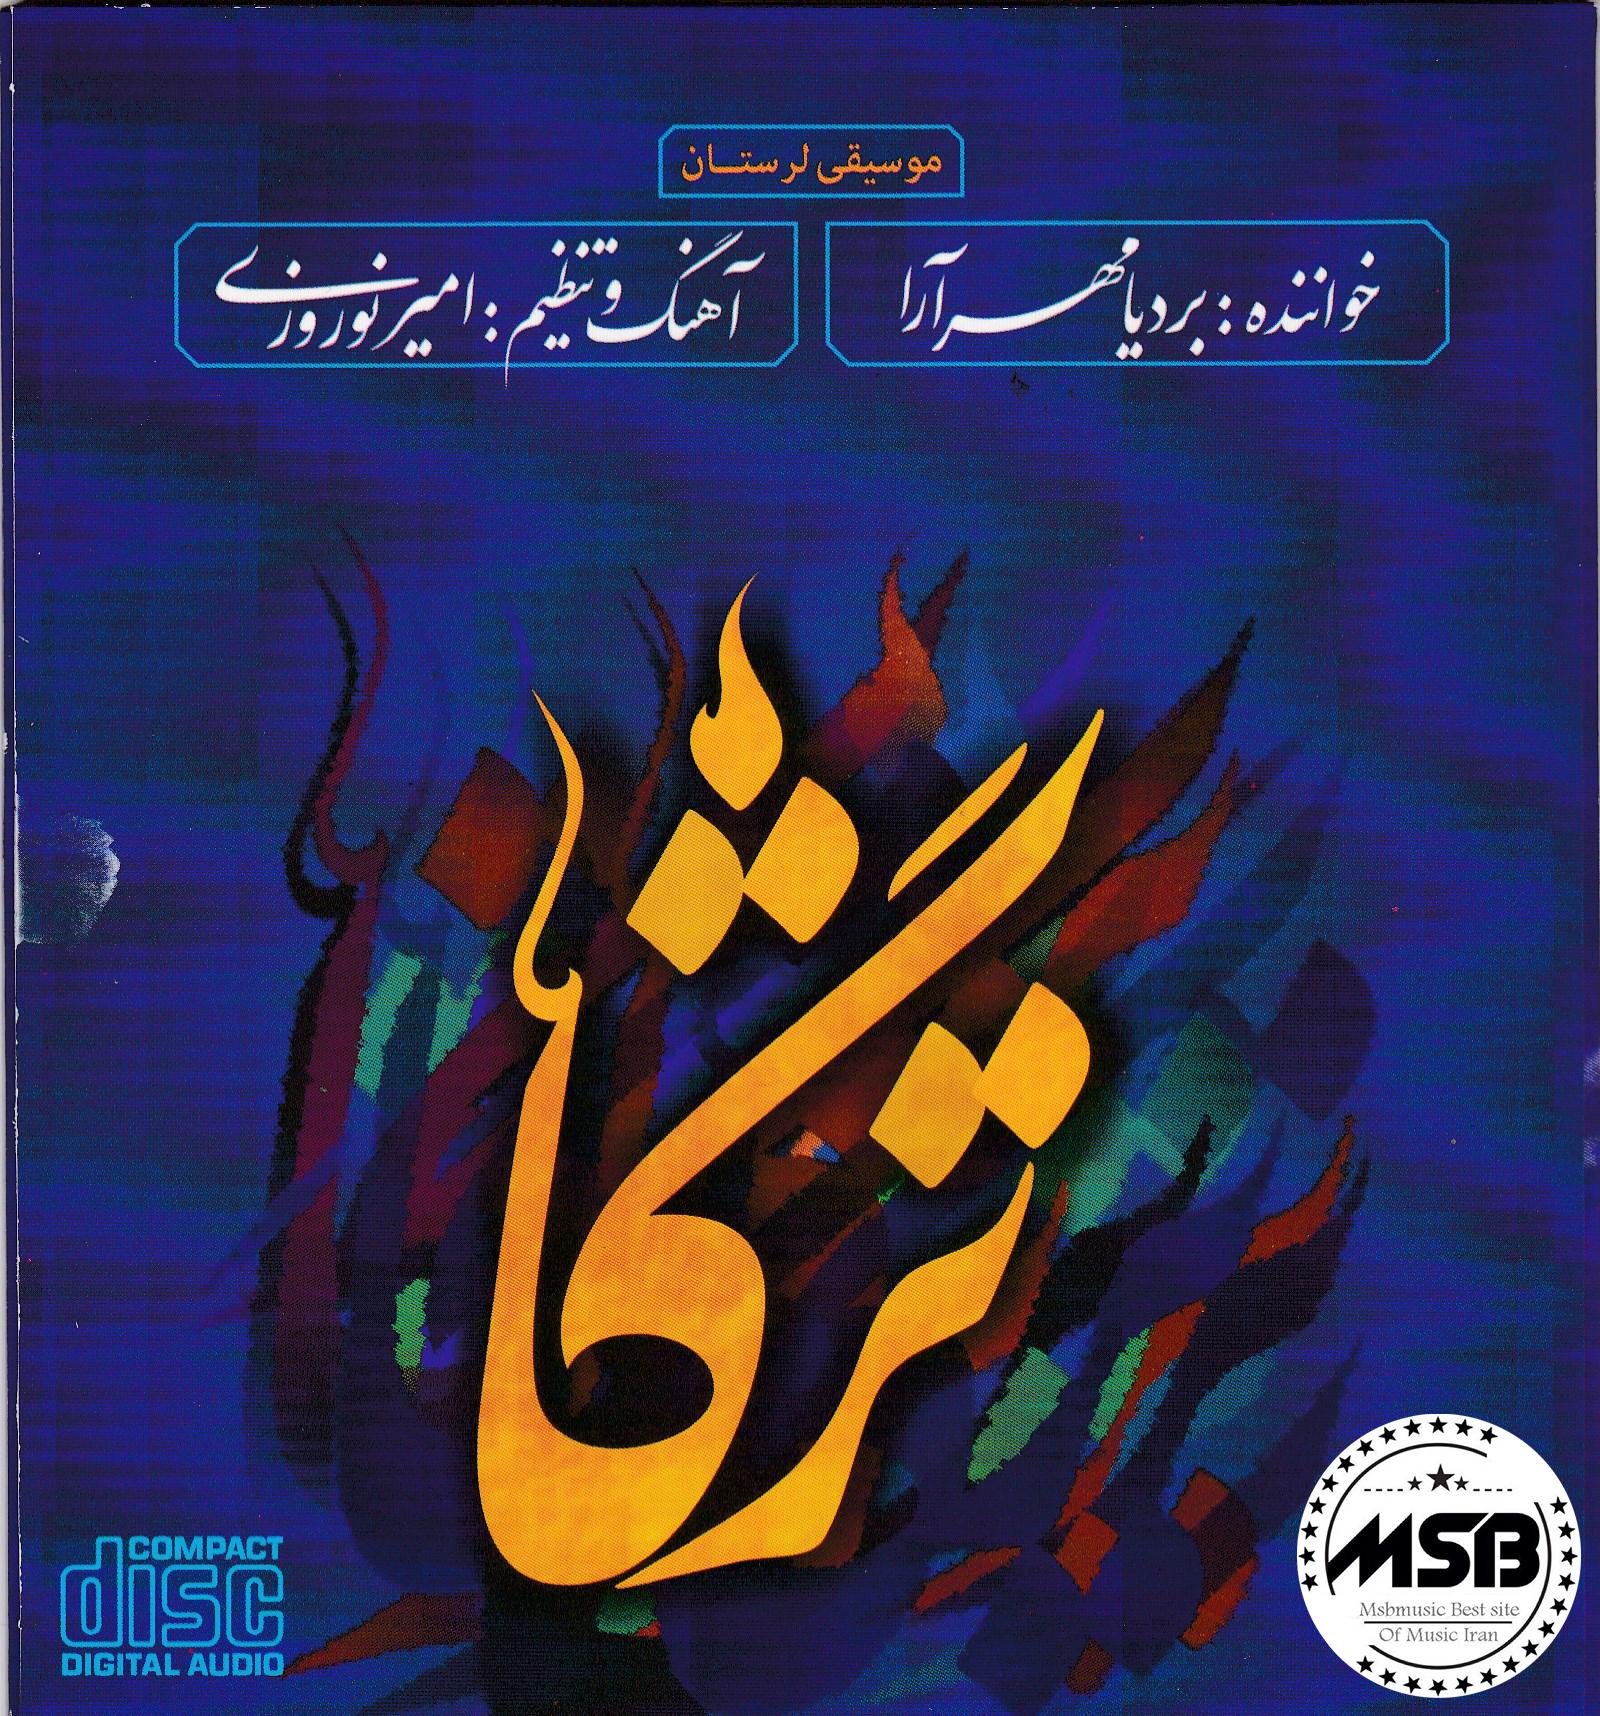 دانلود آلبوم بردیا مهرآرا بنام تژگا